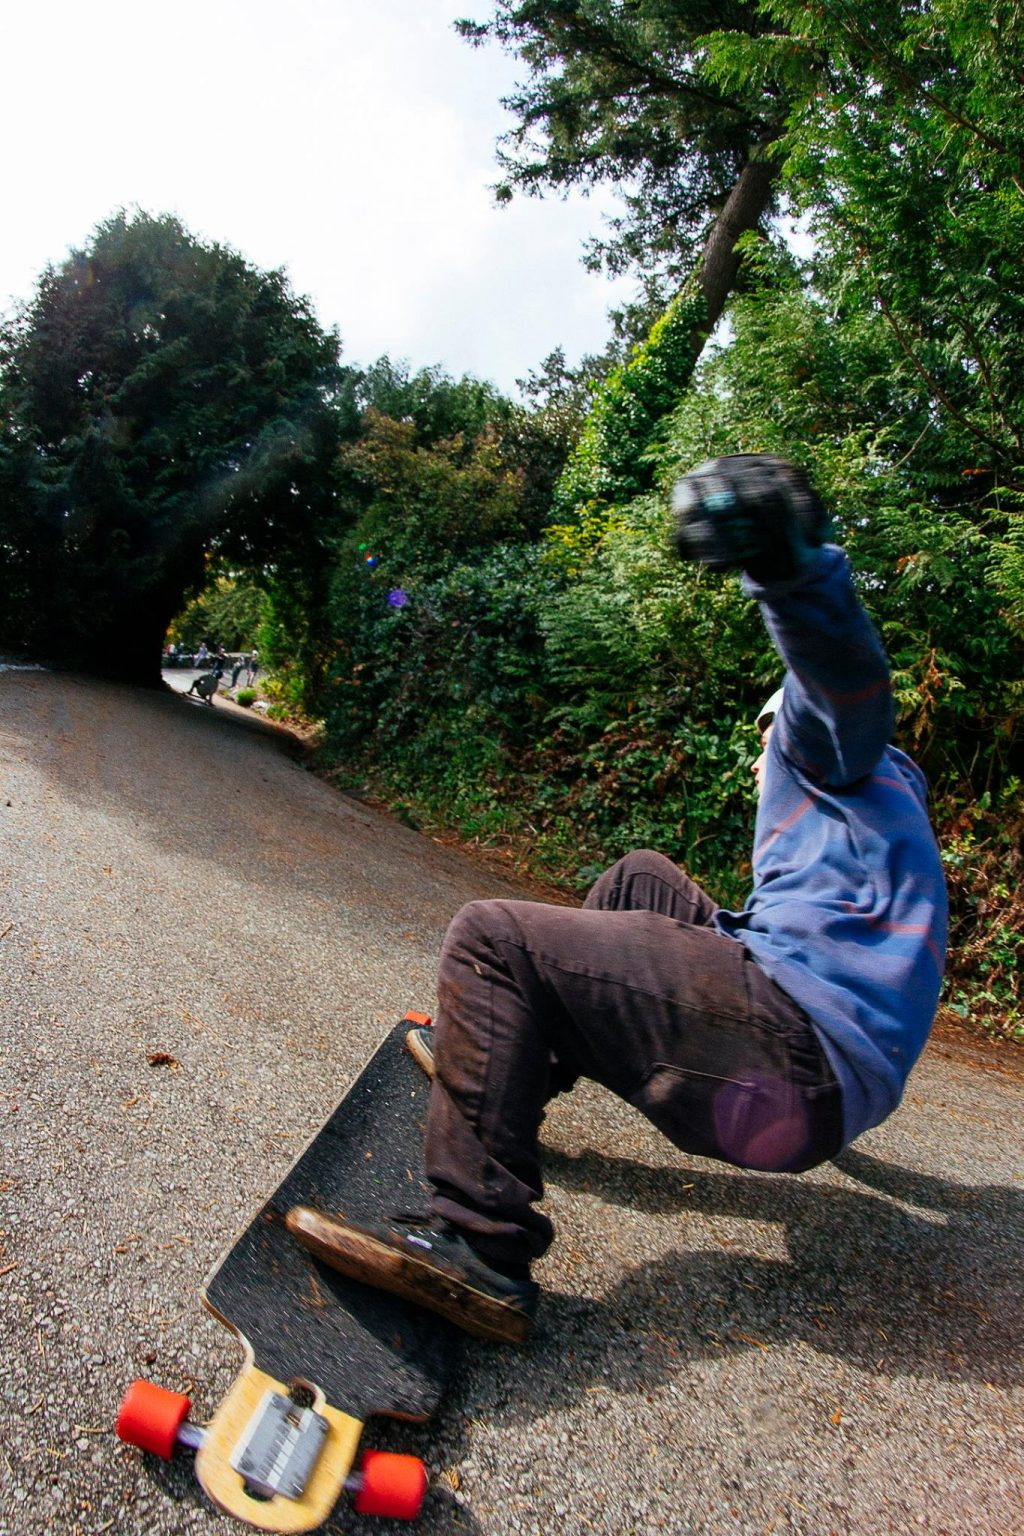 16-sam-galus-flatspot-longboards-valhalla-skateboards-higway-jam-highwayjamx-sho-ouellette-sho-stopper-longboarding